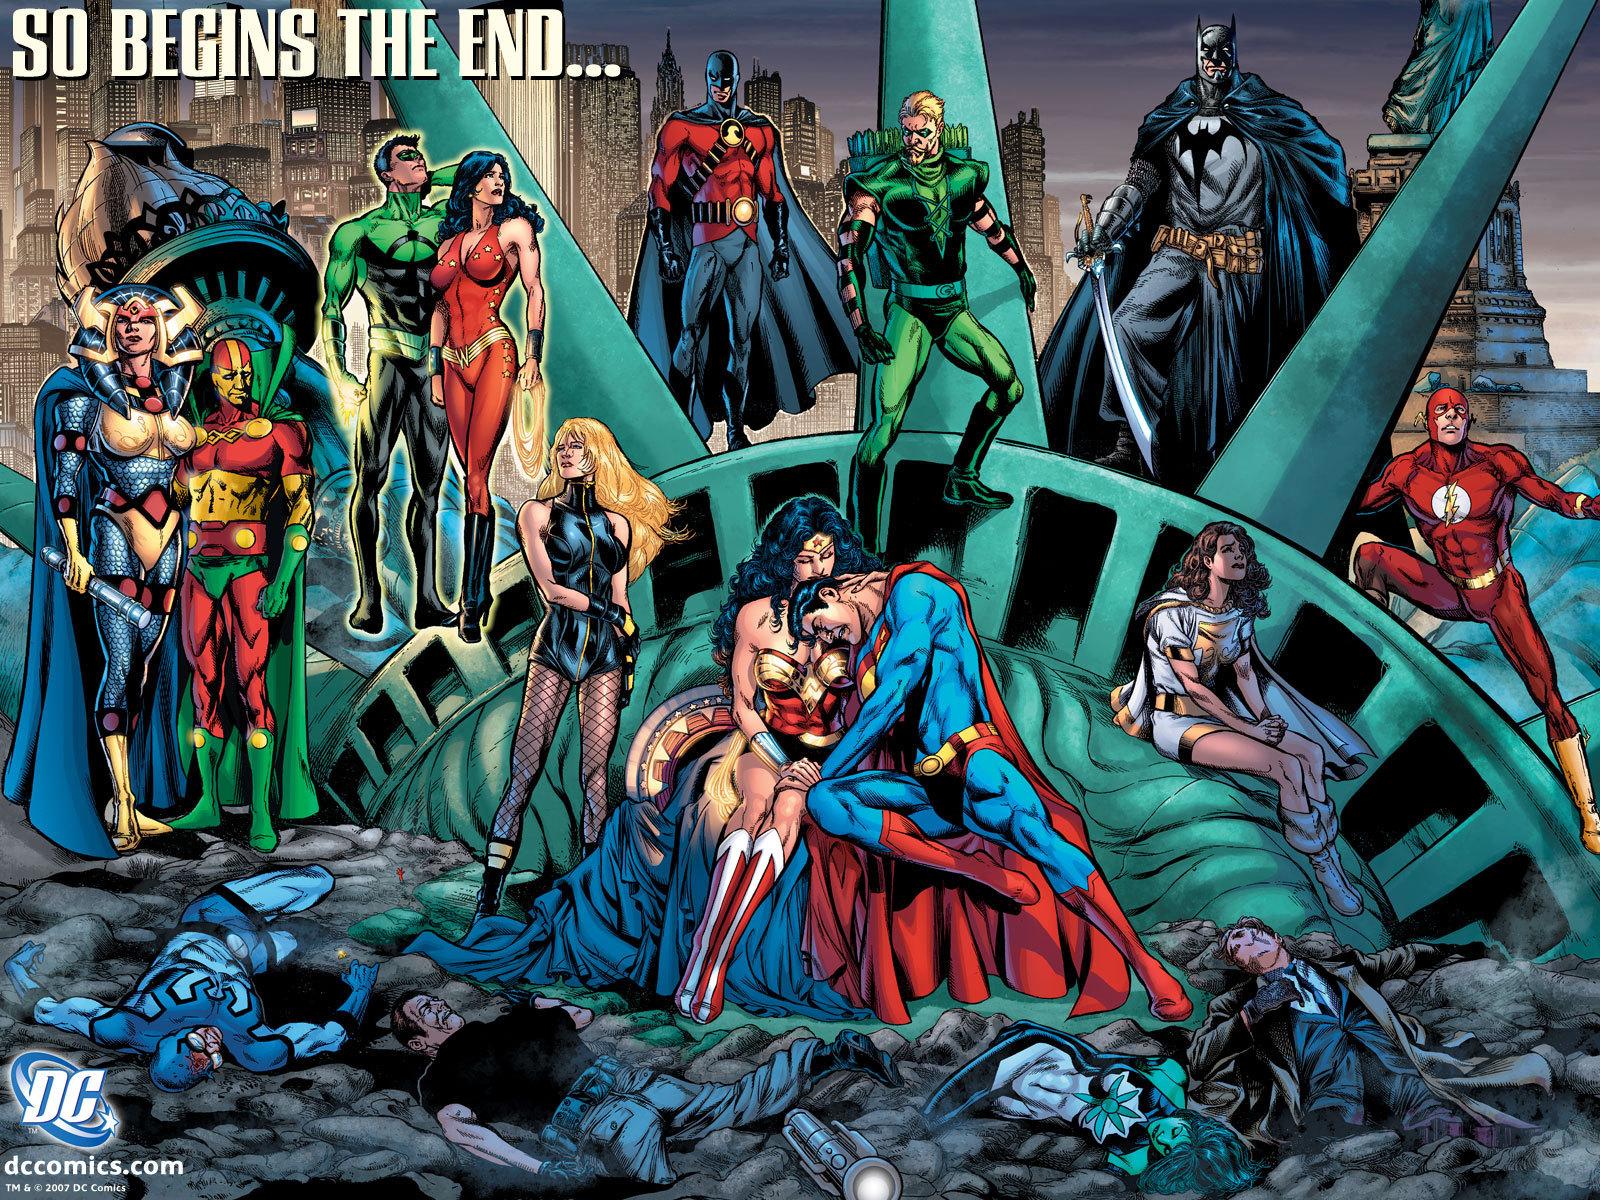 DC Comics Wallpapers DC Comics Wallpaper Poster Desktop Wallpaper 1600x1200